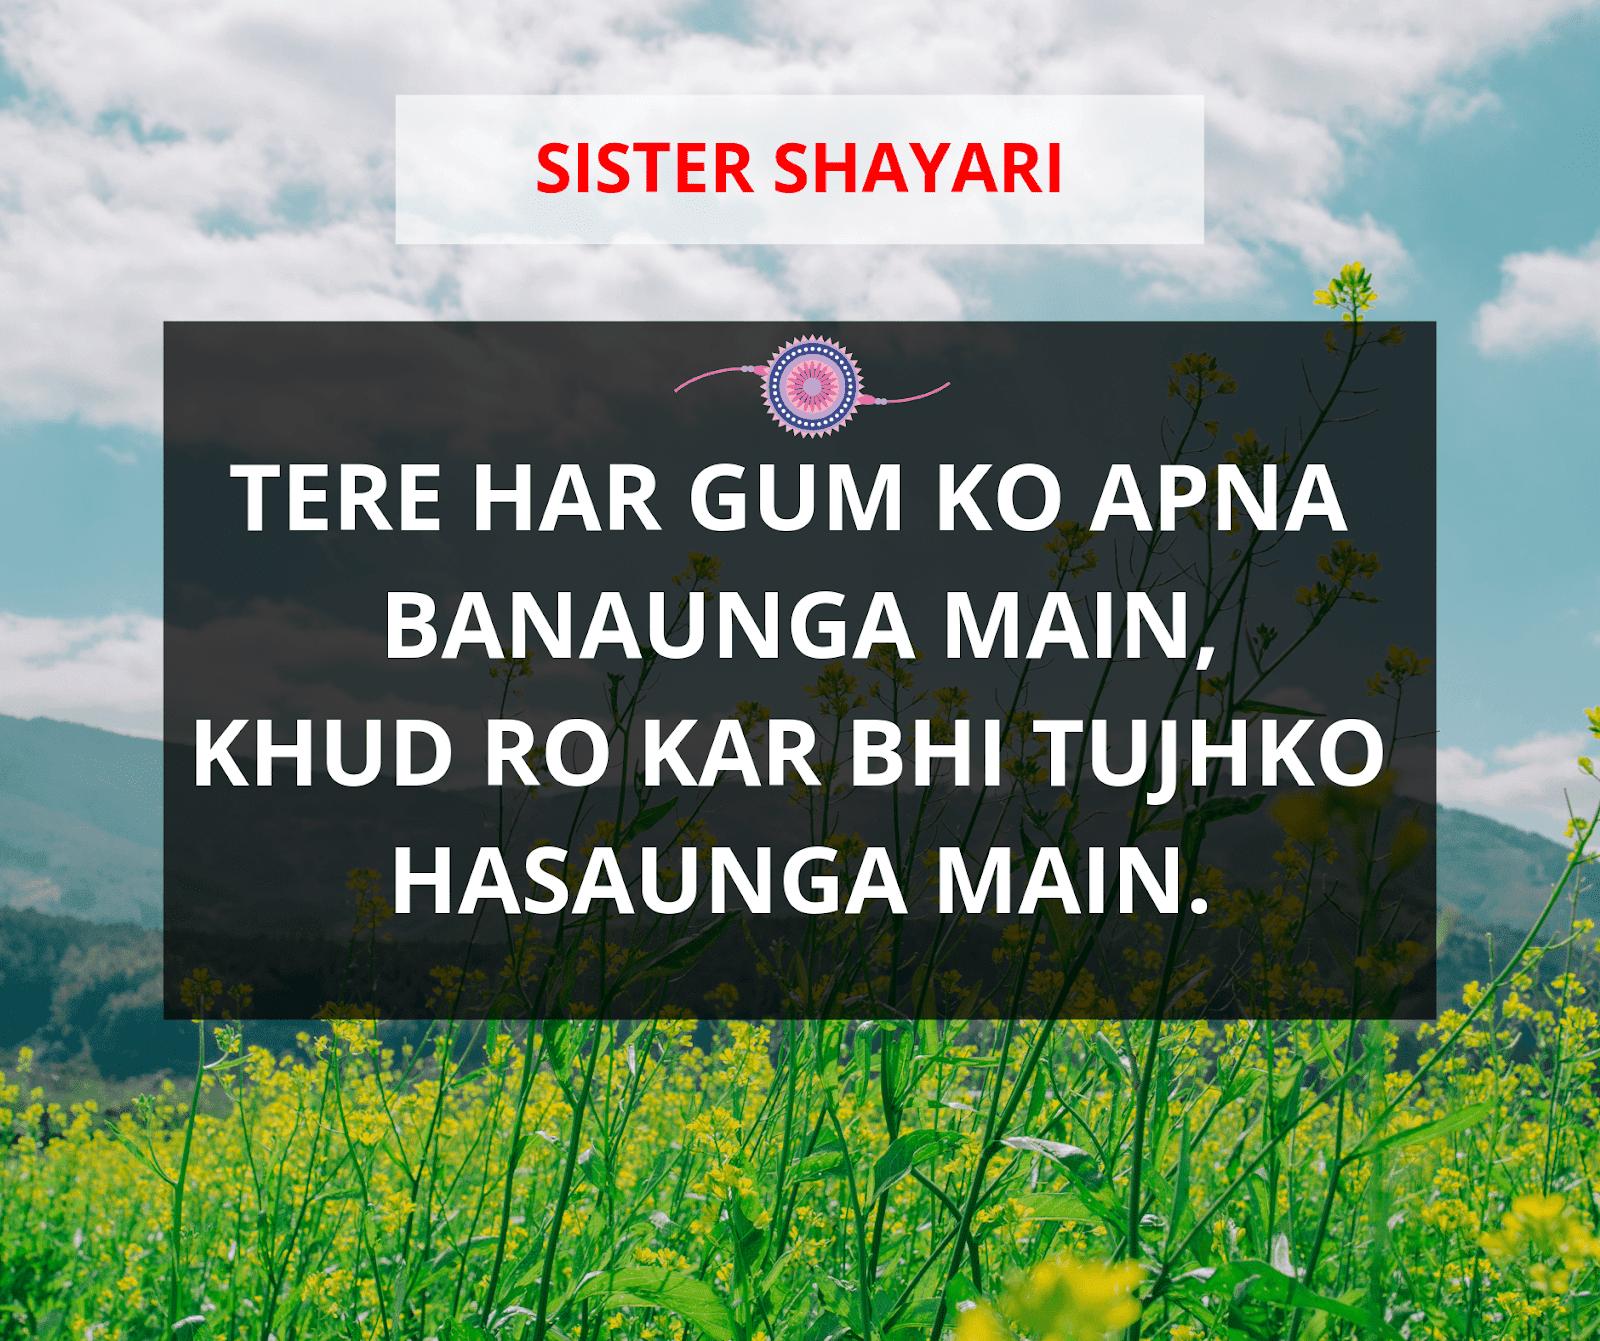 Sister Shayari Images